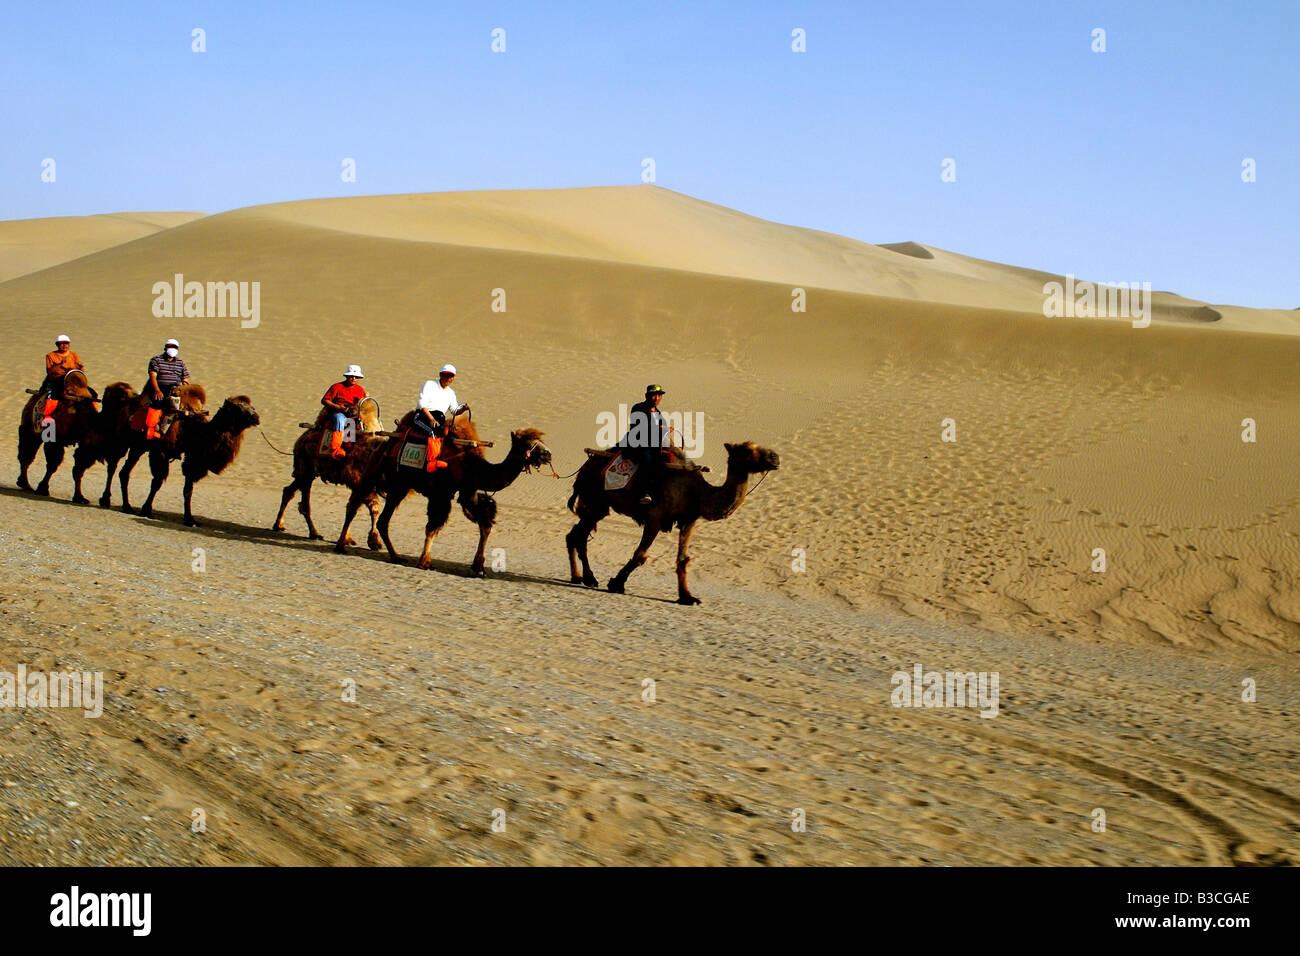 Camel Ride Travelers Ride Camels On Short Camel Journey In The Gobi Desert In Gansu China Alamy Travelers Ride Camels On Short Camel Journey In The Gobi Desert In